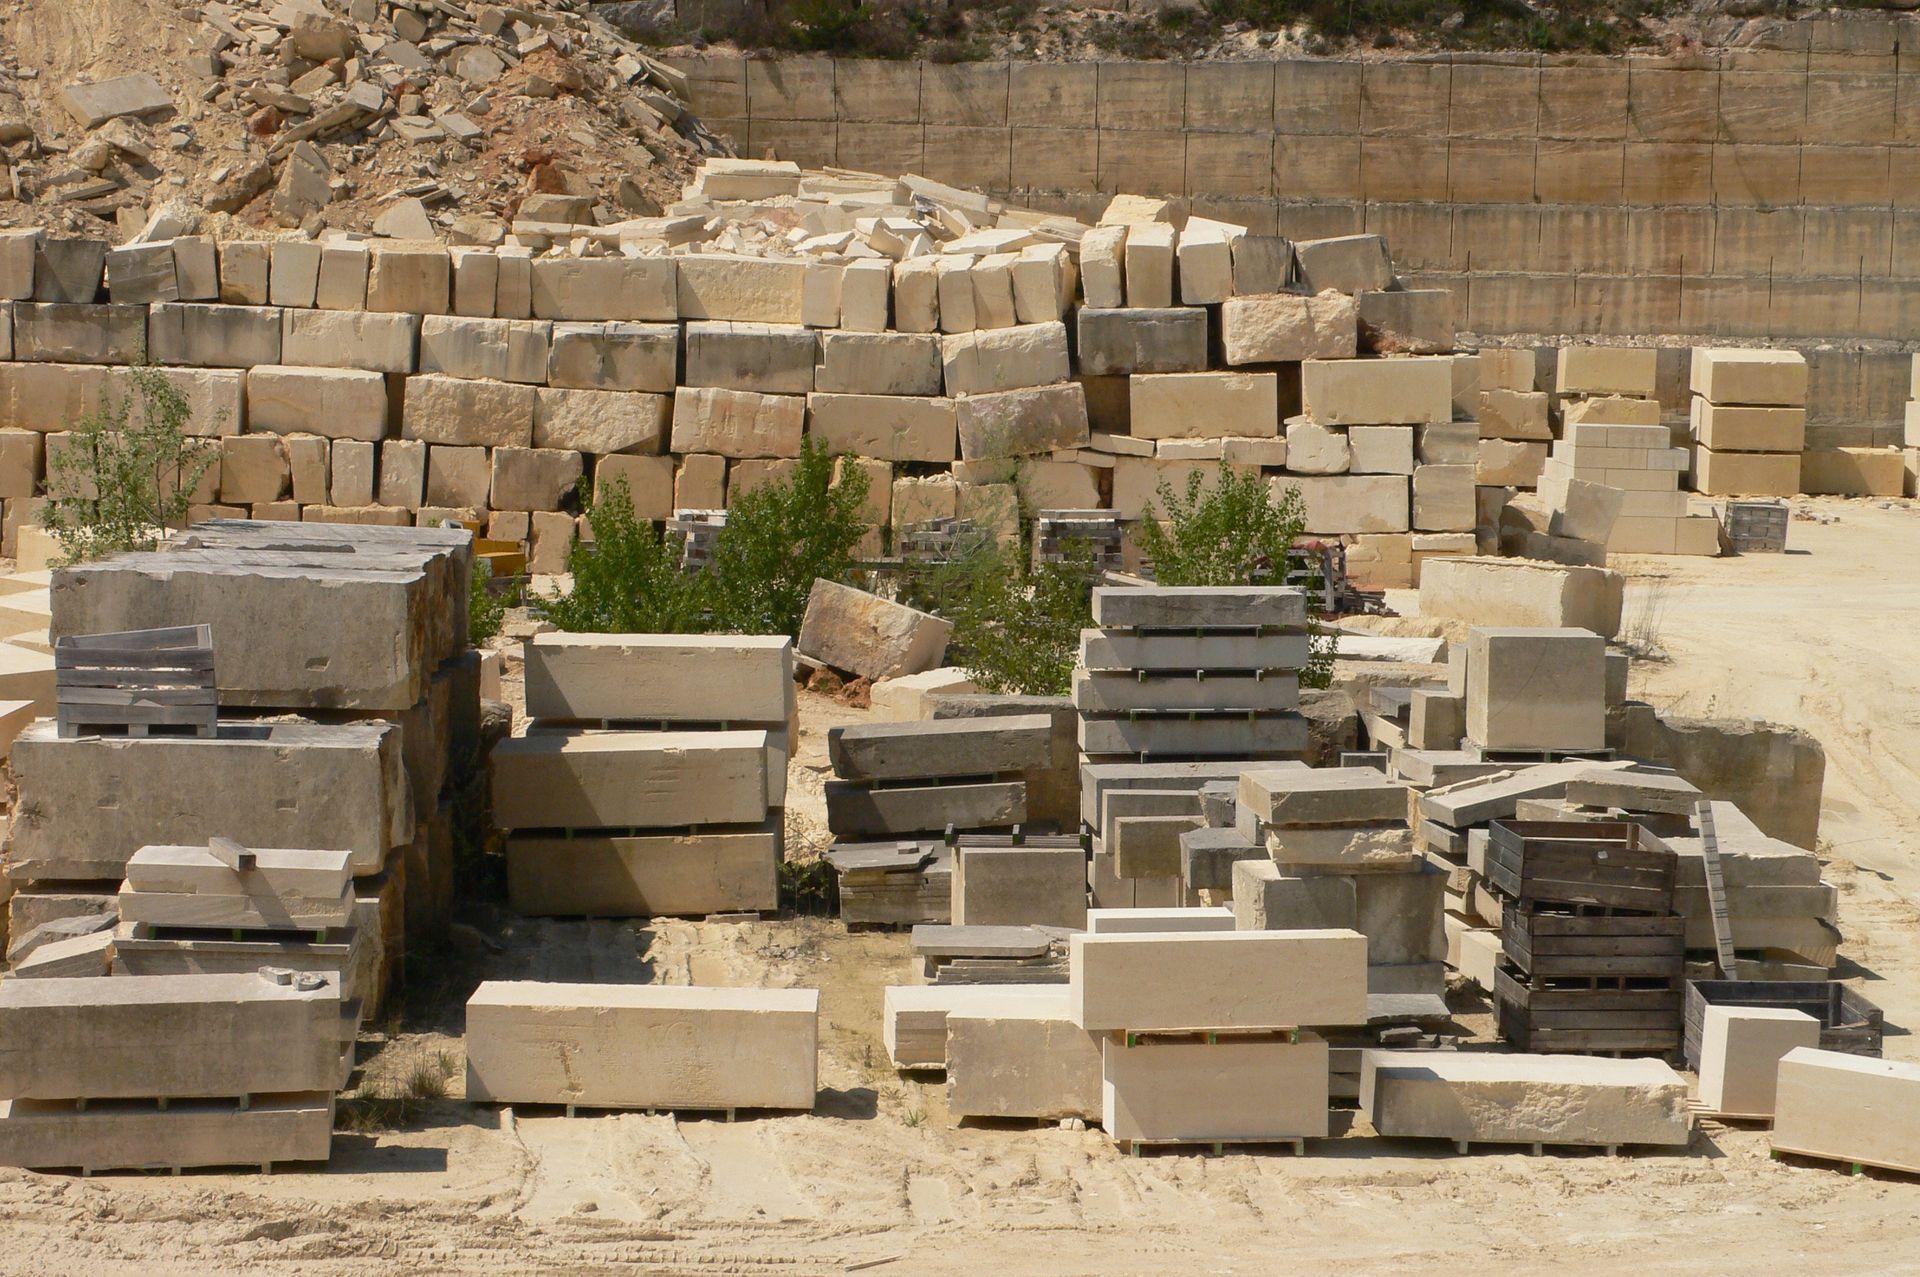 Sussargues - sentier des 4 carrières - patrimoine blocs de calcaire du languedoc